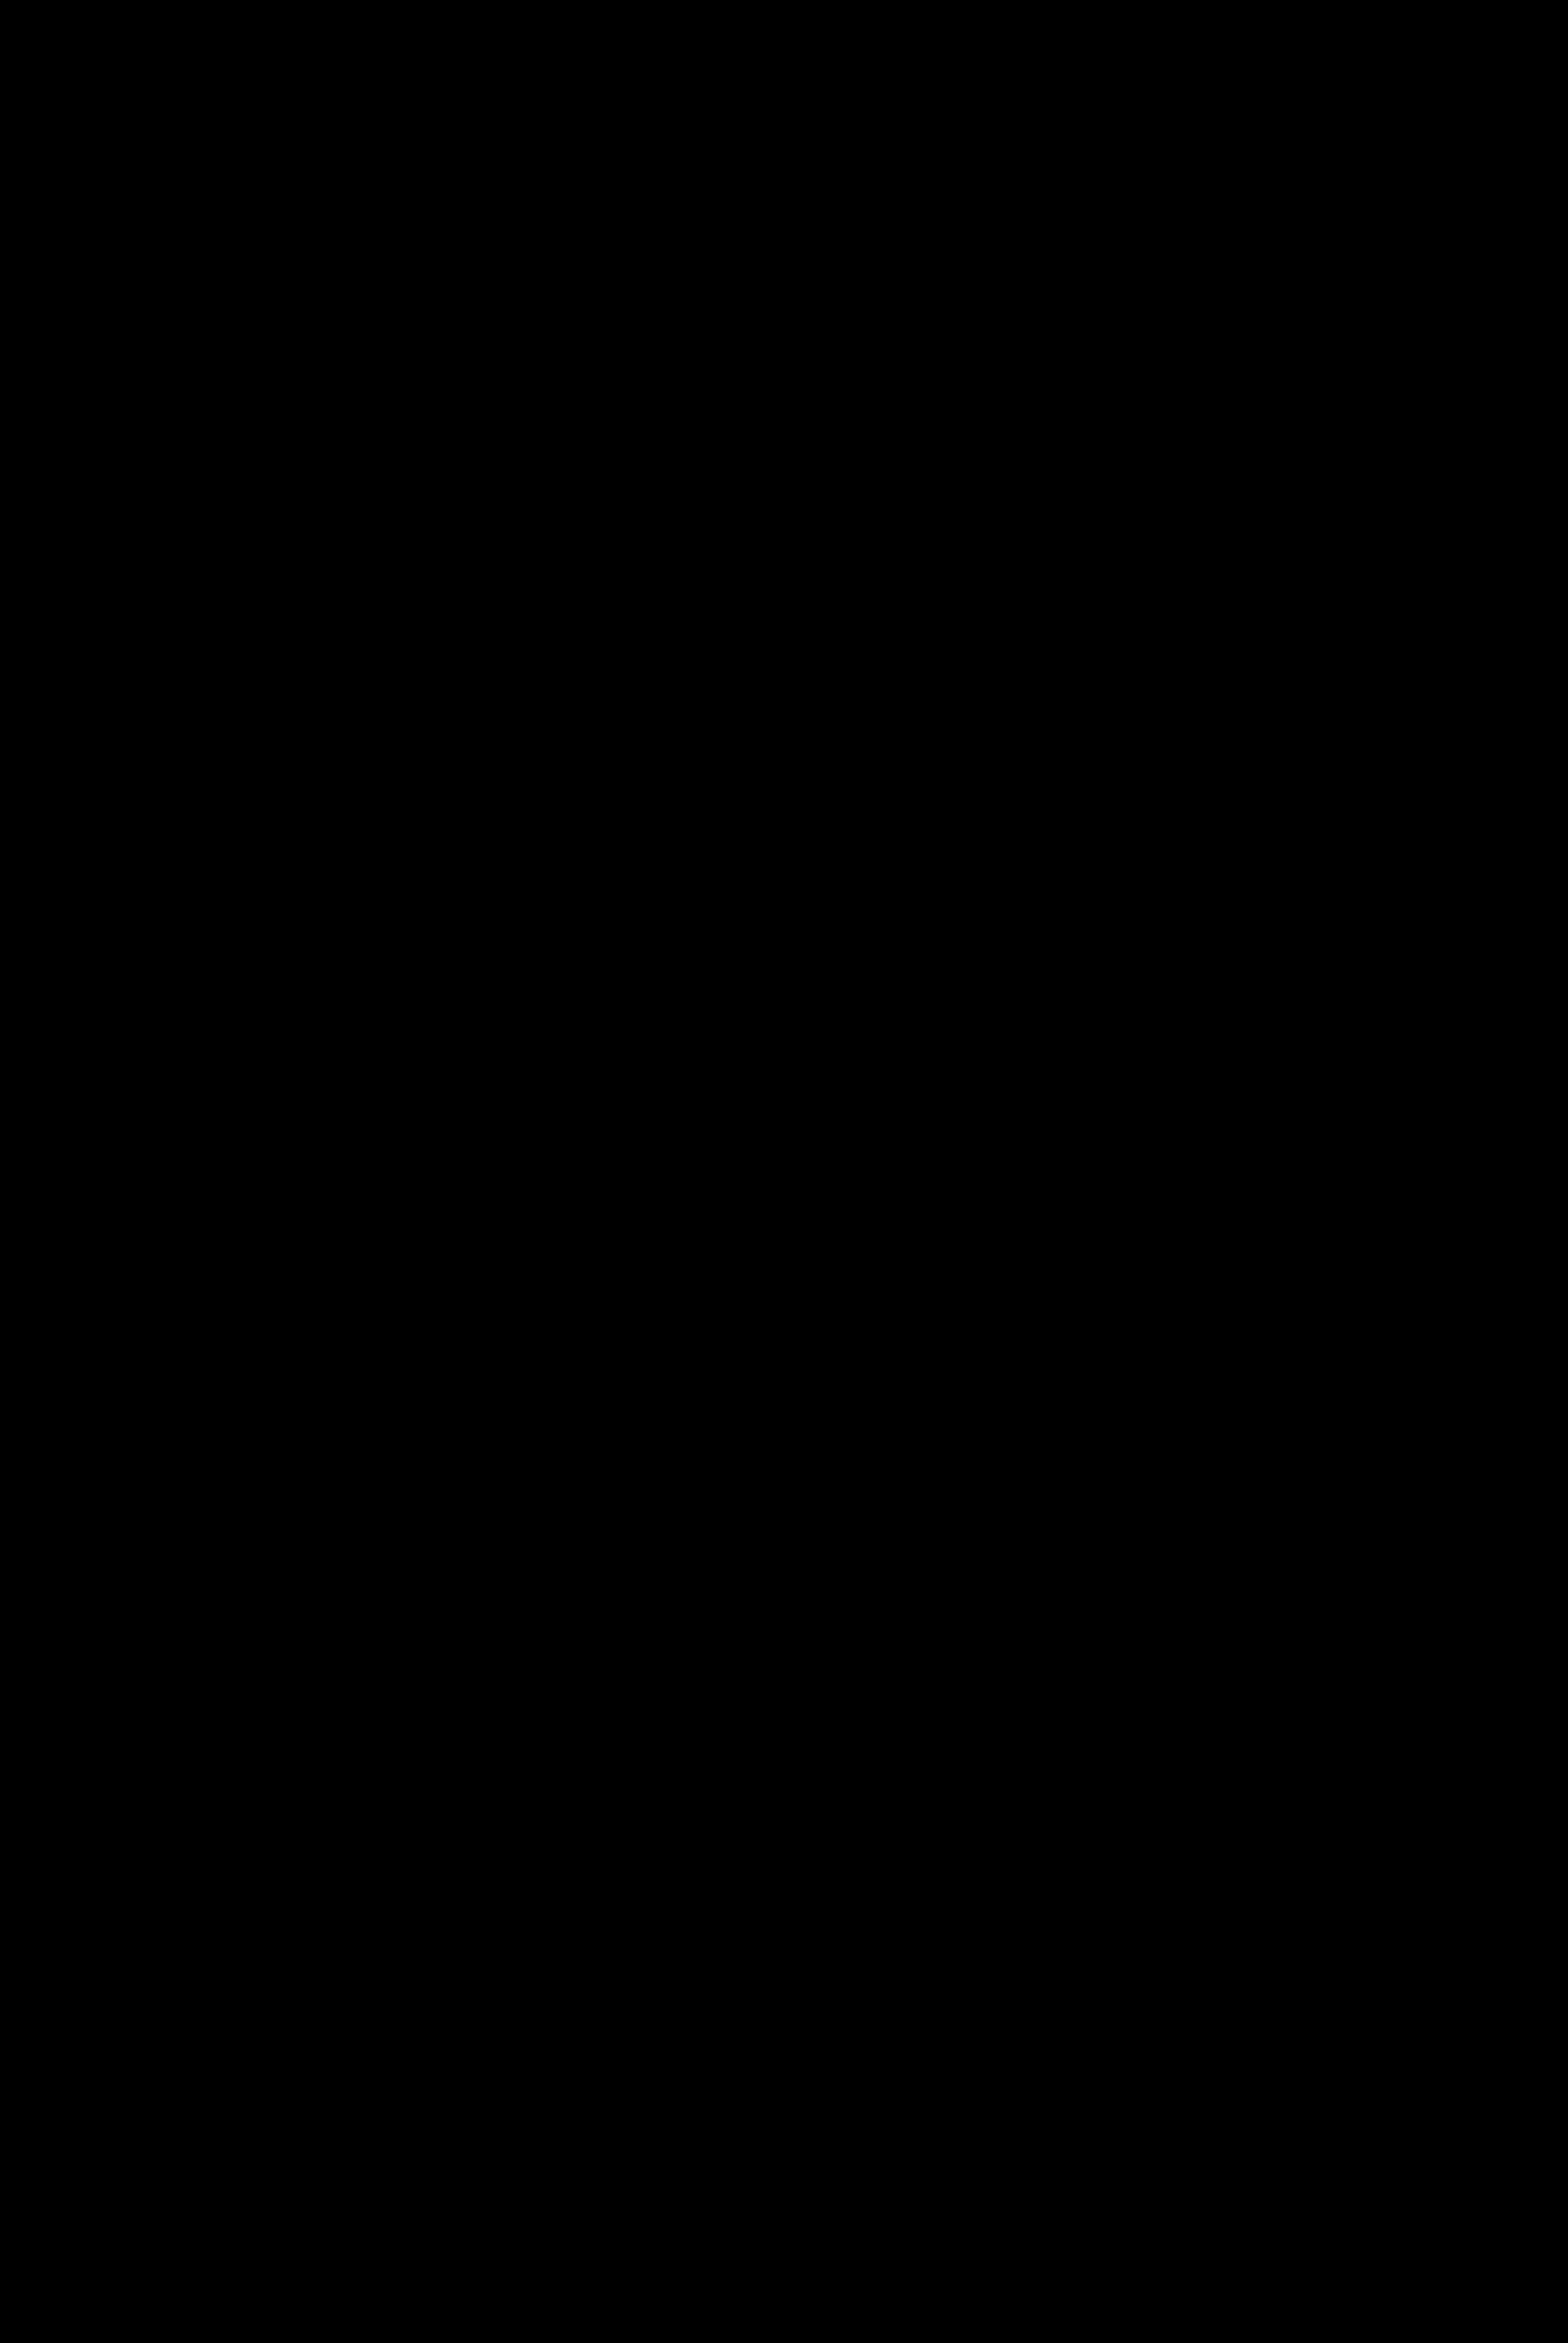 The RamonesPoster